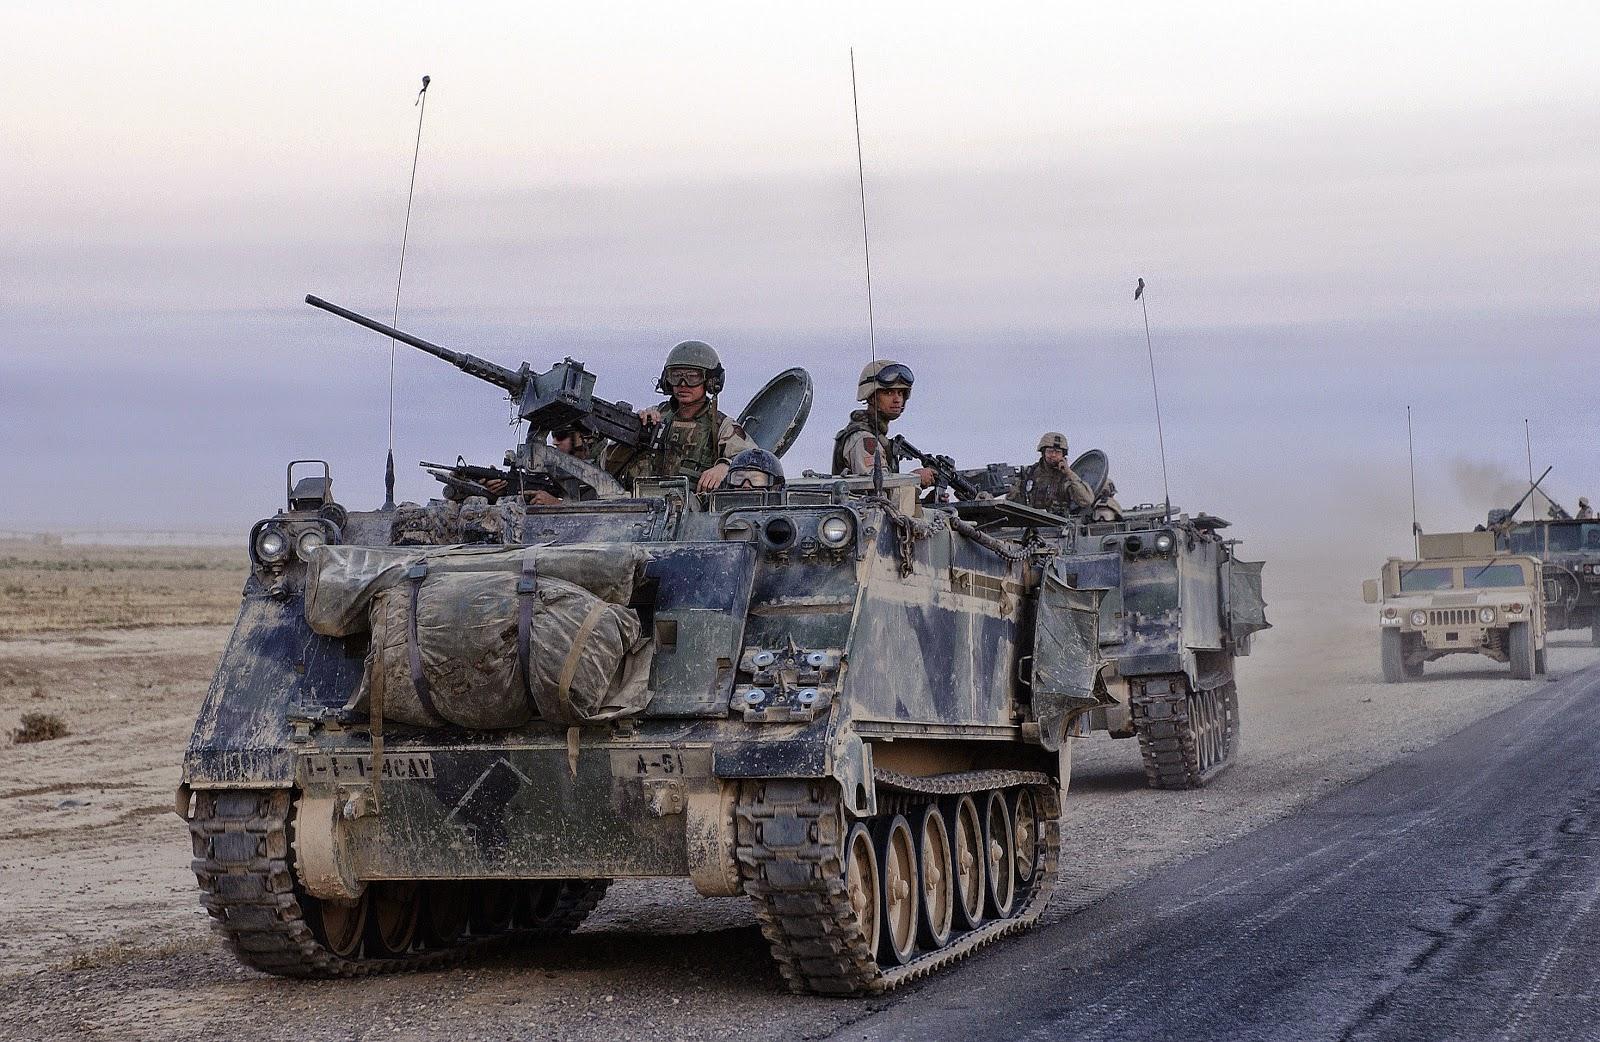 Armored%2Bpersonnel%2Bcarrier.jpg